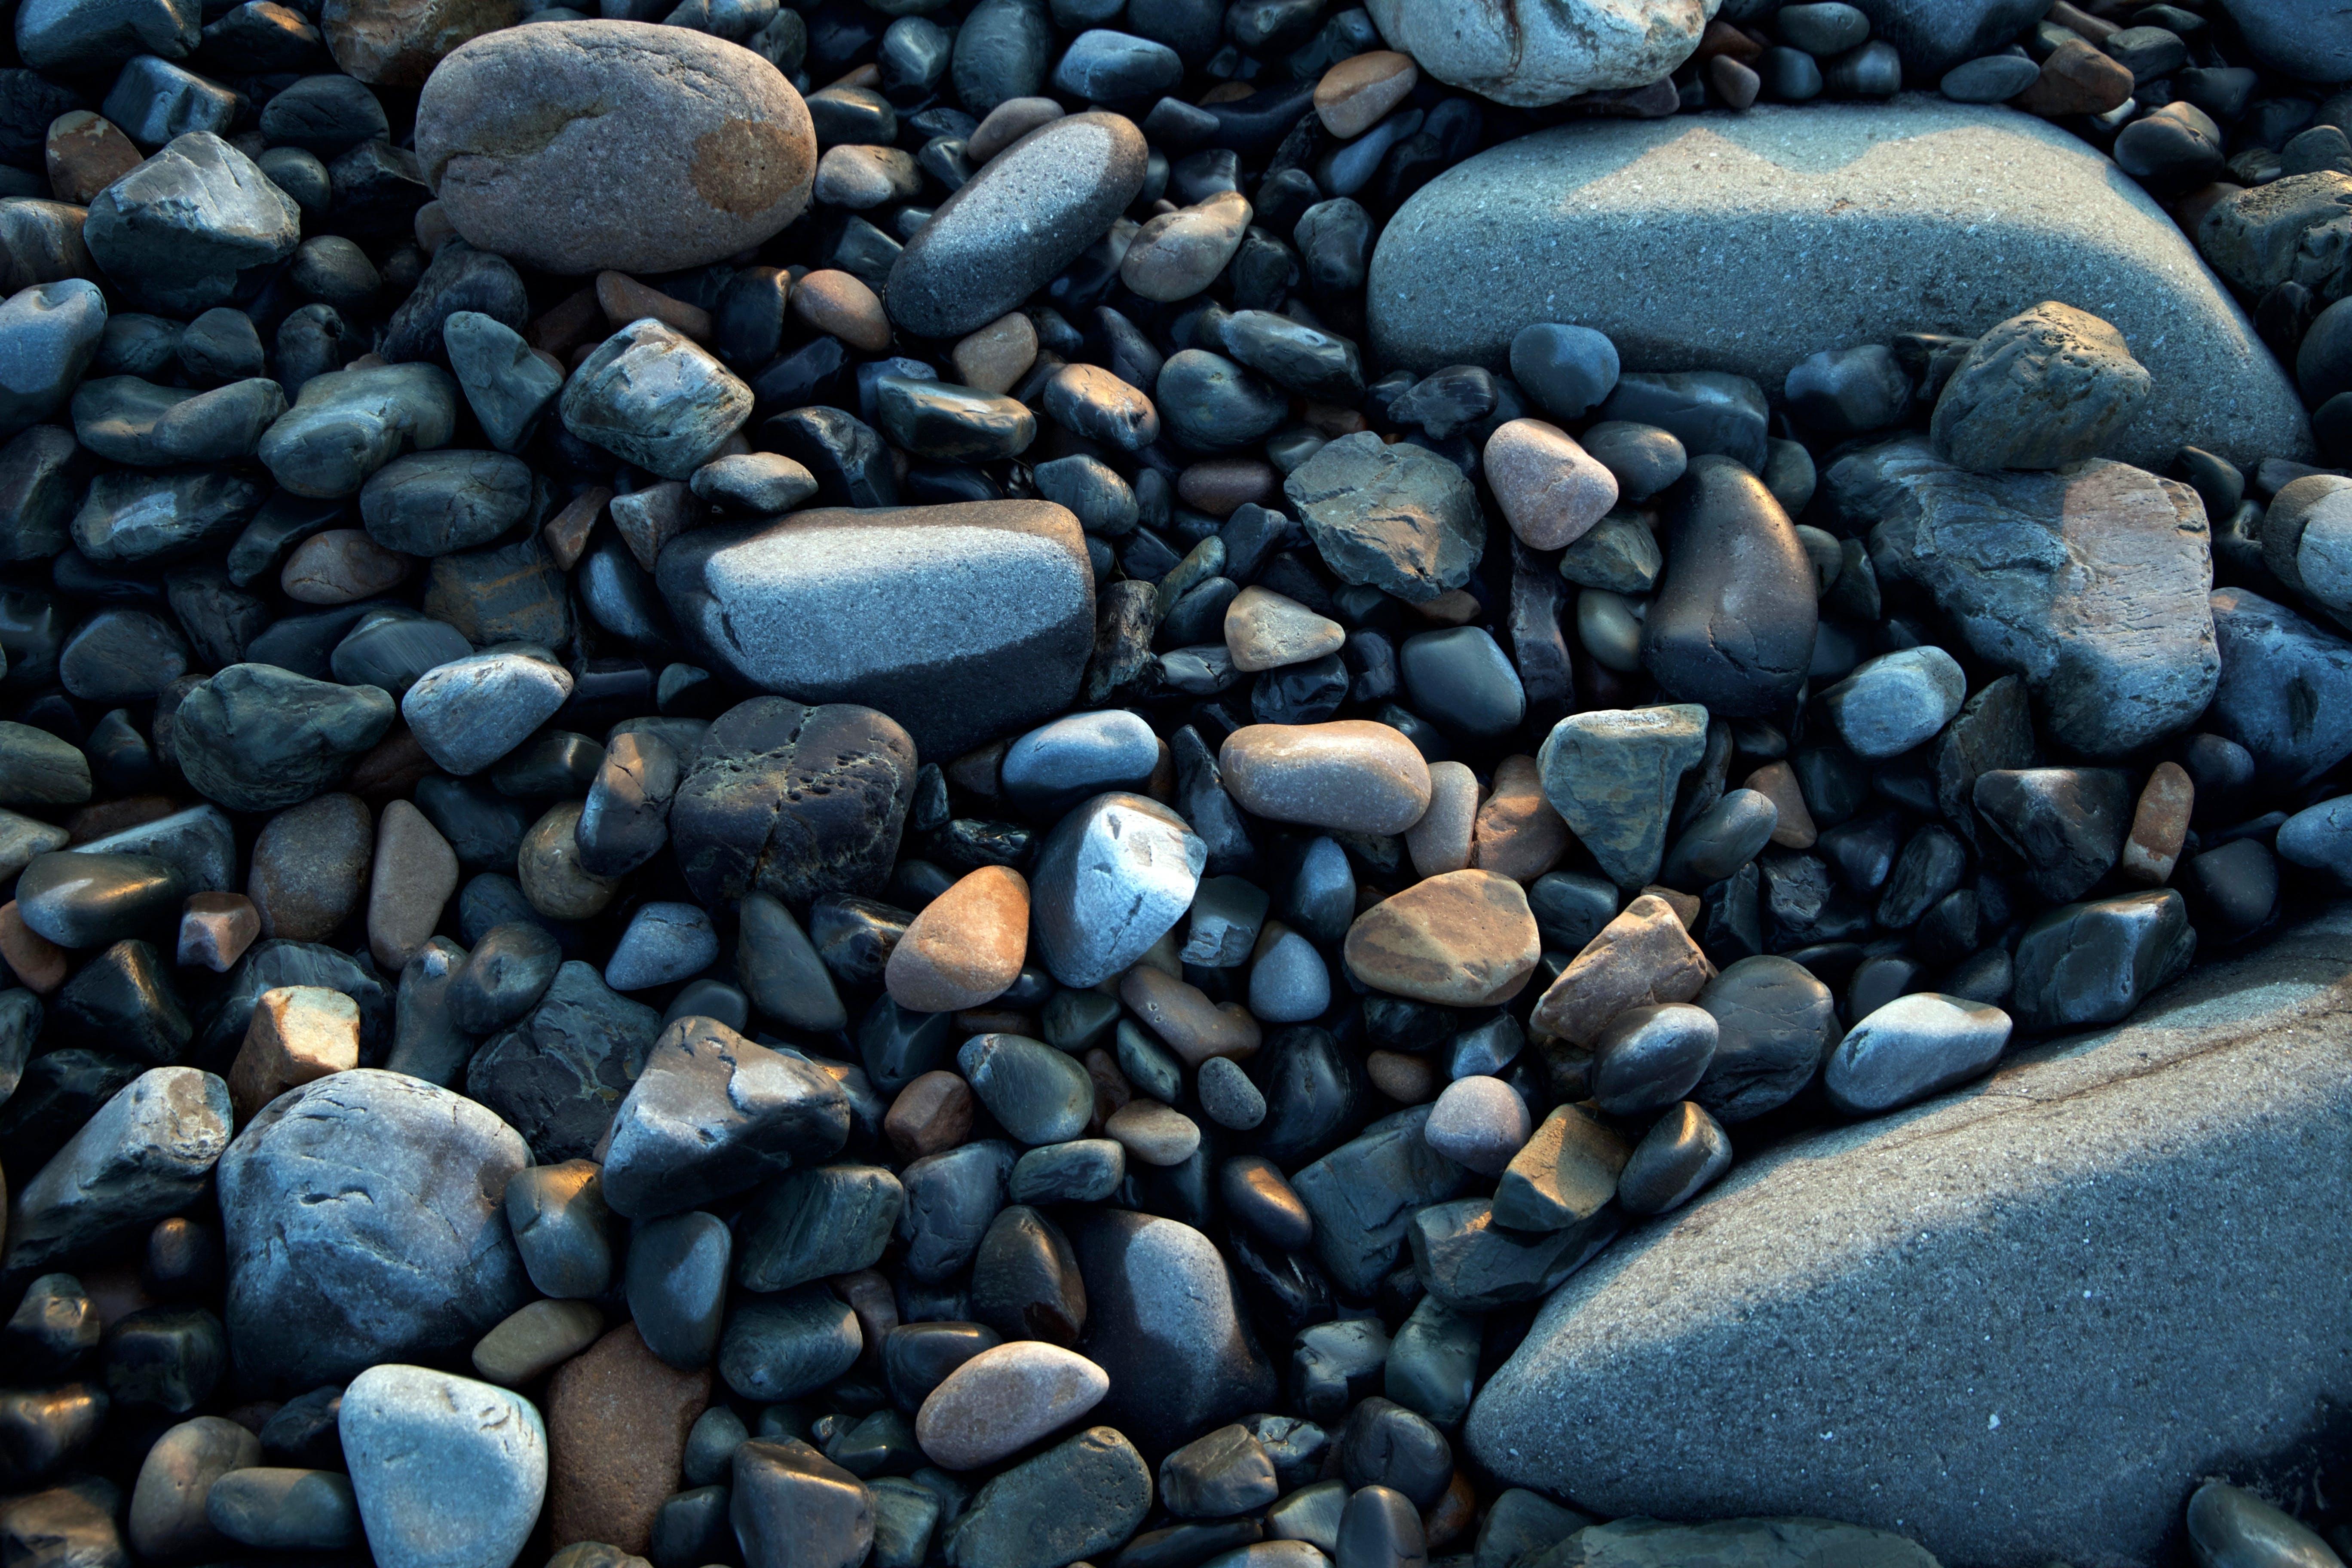 Fotos de stock gratuitas de chinas, formas, piedras, rocas